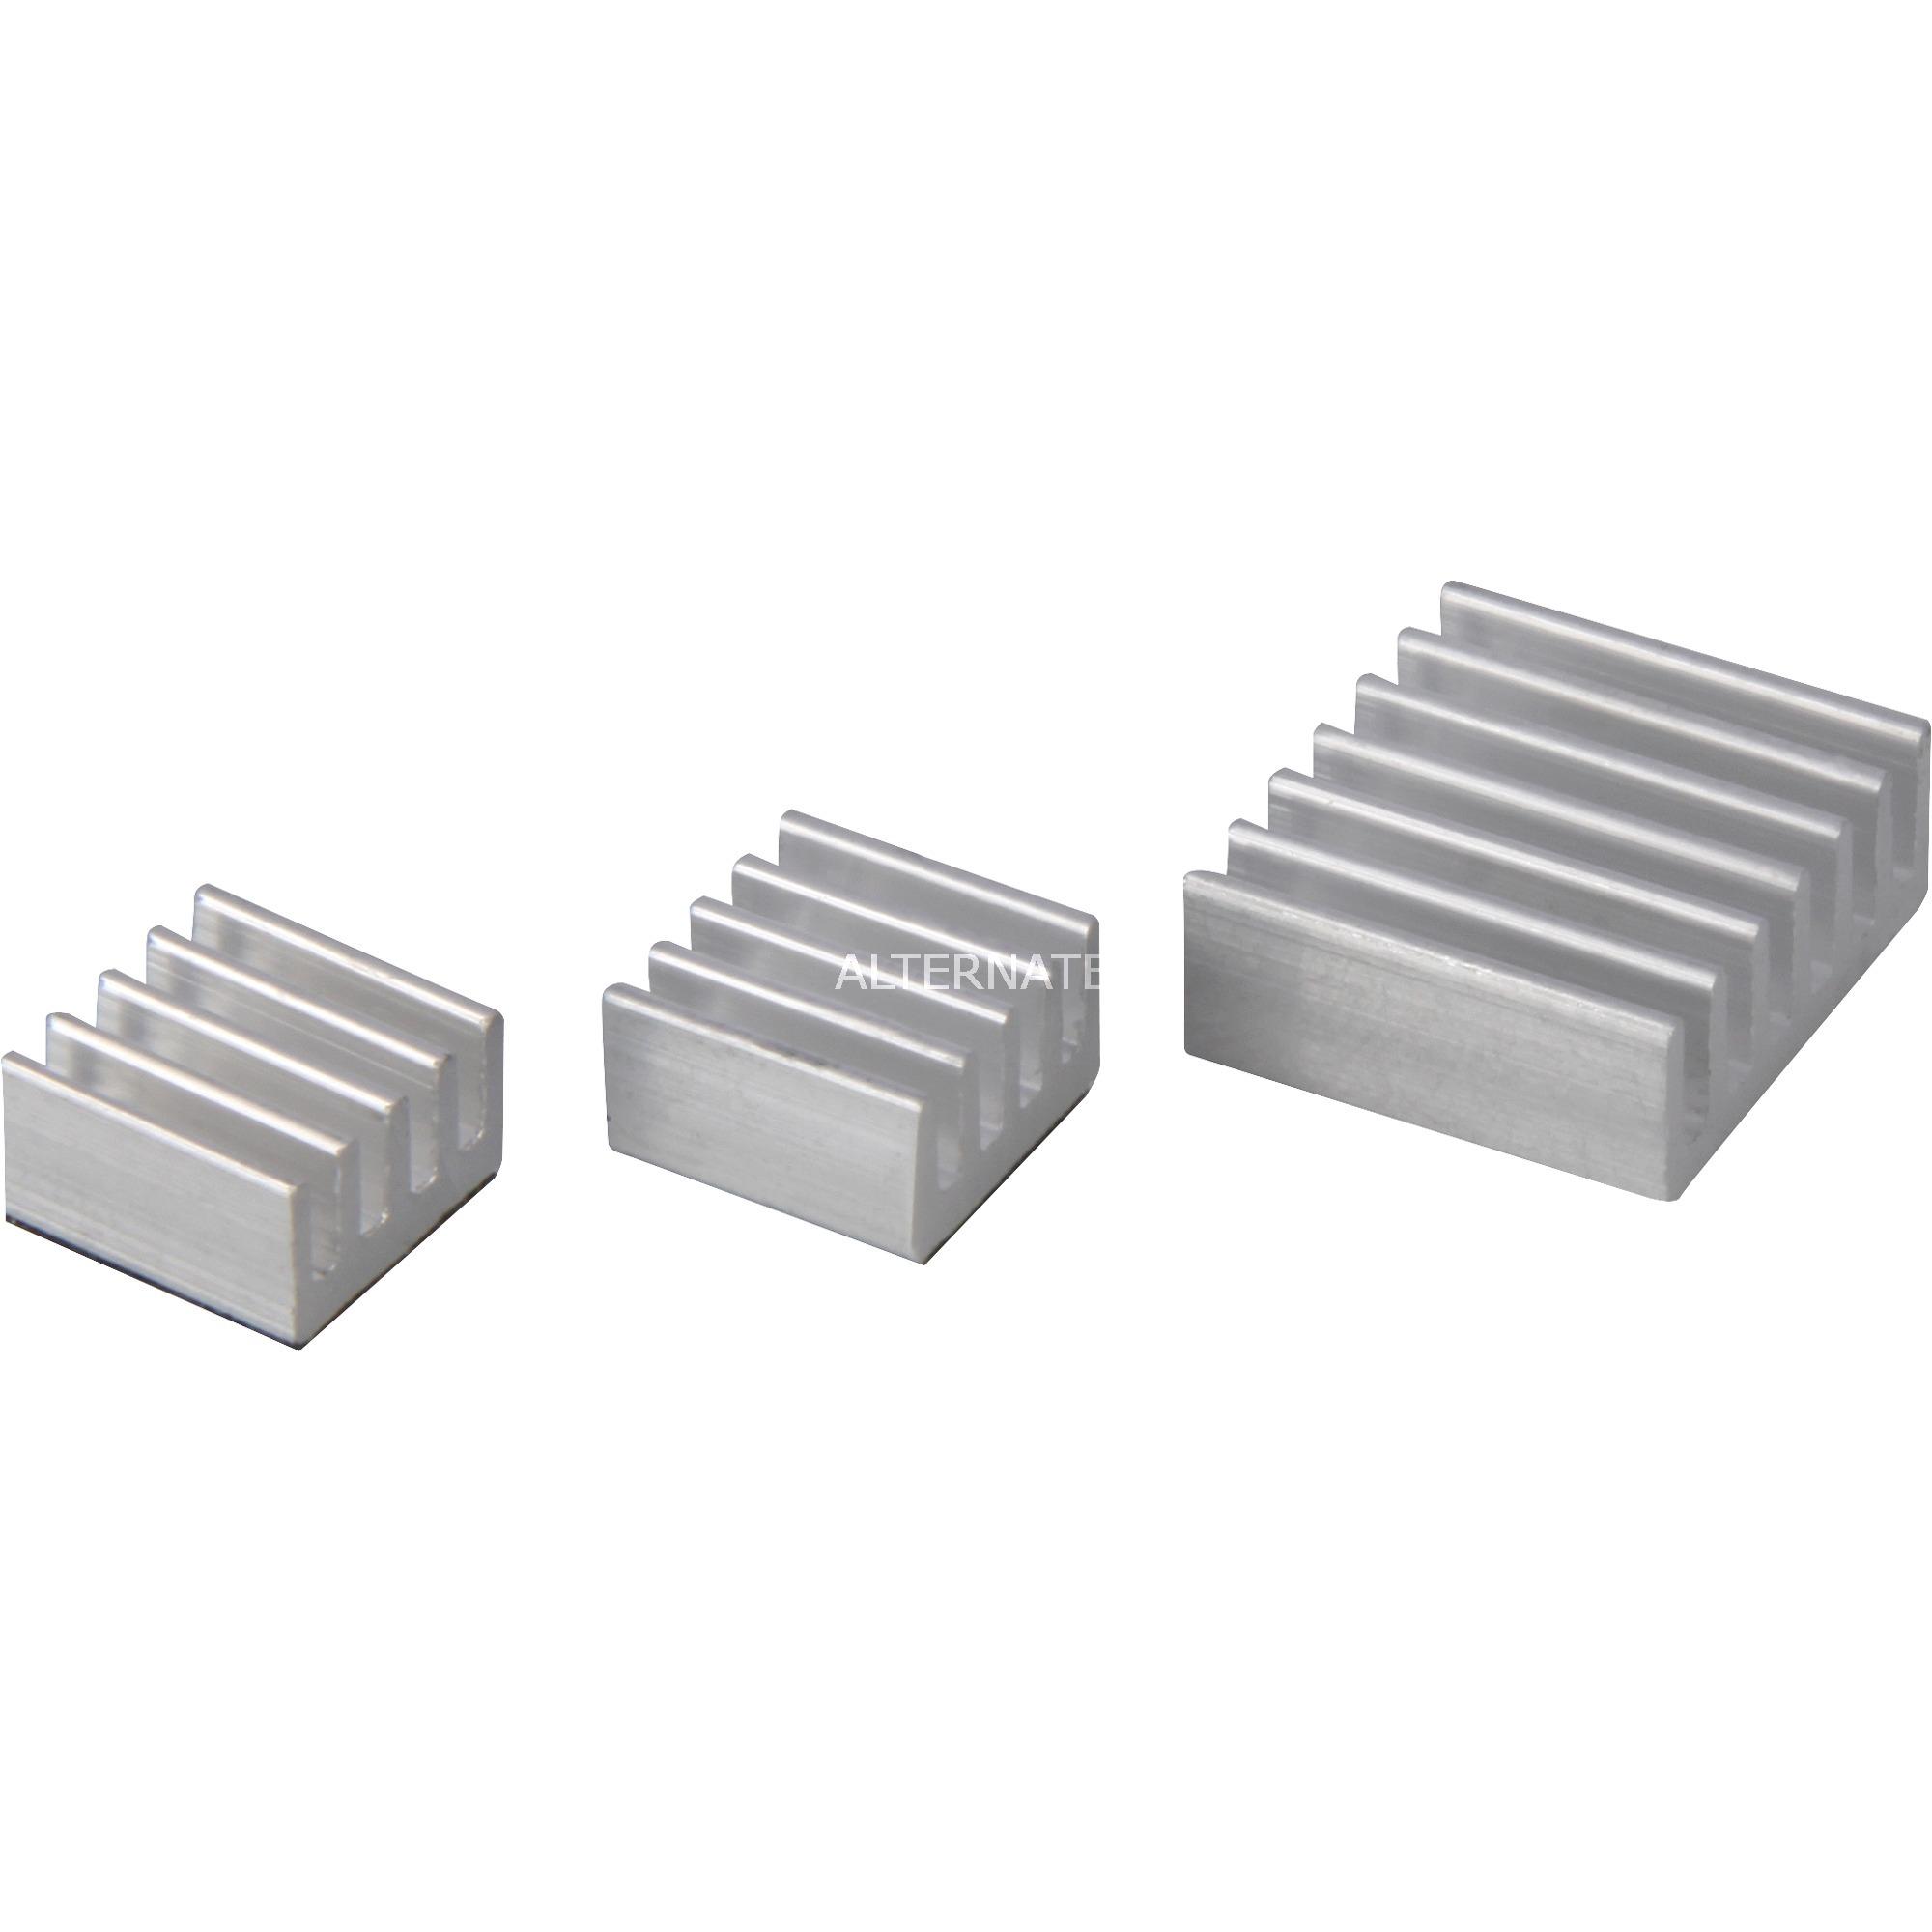 Kühlkörper Set für Raspberry Pi